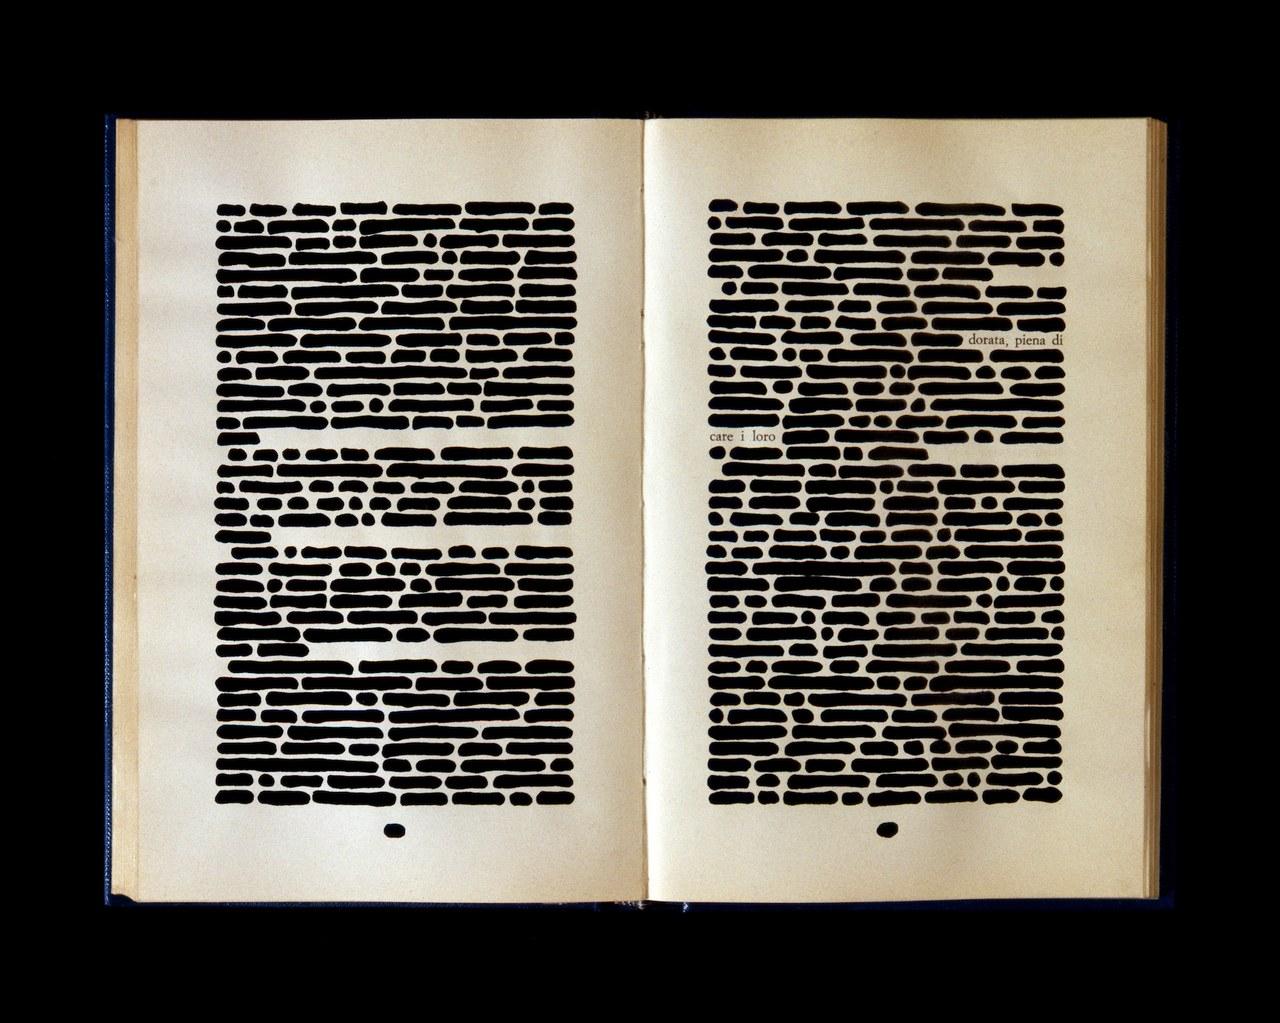 Emilio Isgrò, Libro cancellato, 1974